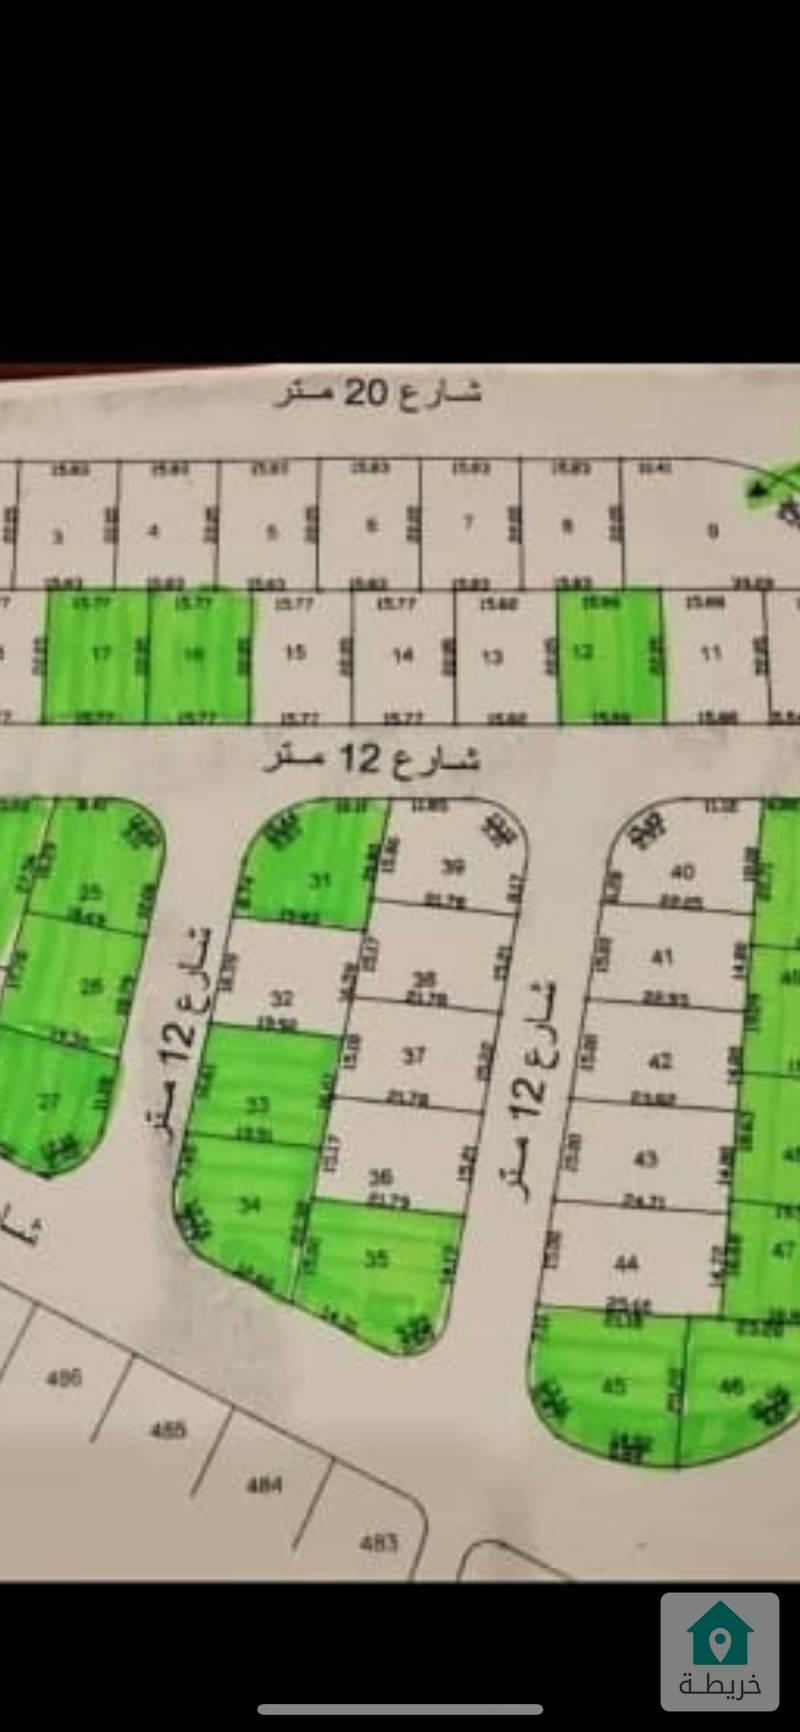 ارض للبيع في البنيات اسكان الأمانة  في موقع مميز